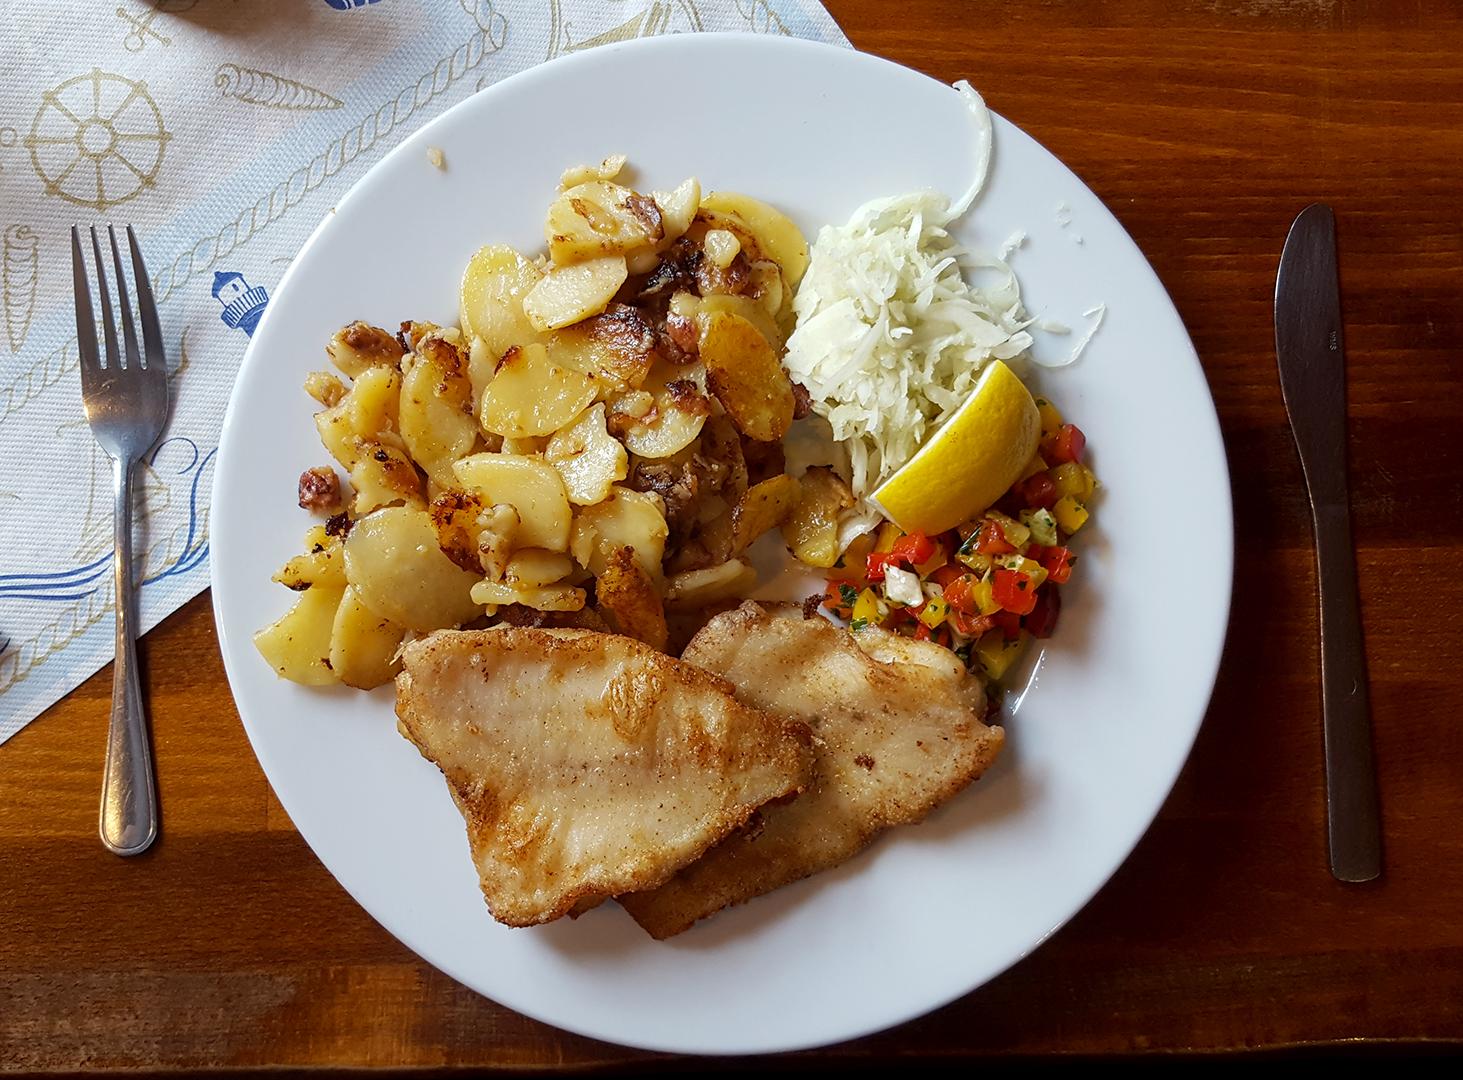 Mittagessen: Schollenfilet mit Bratkartoffeln